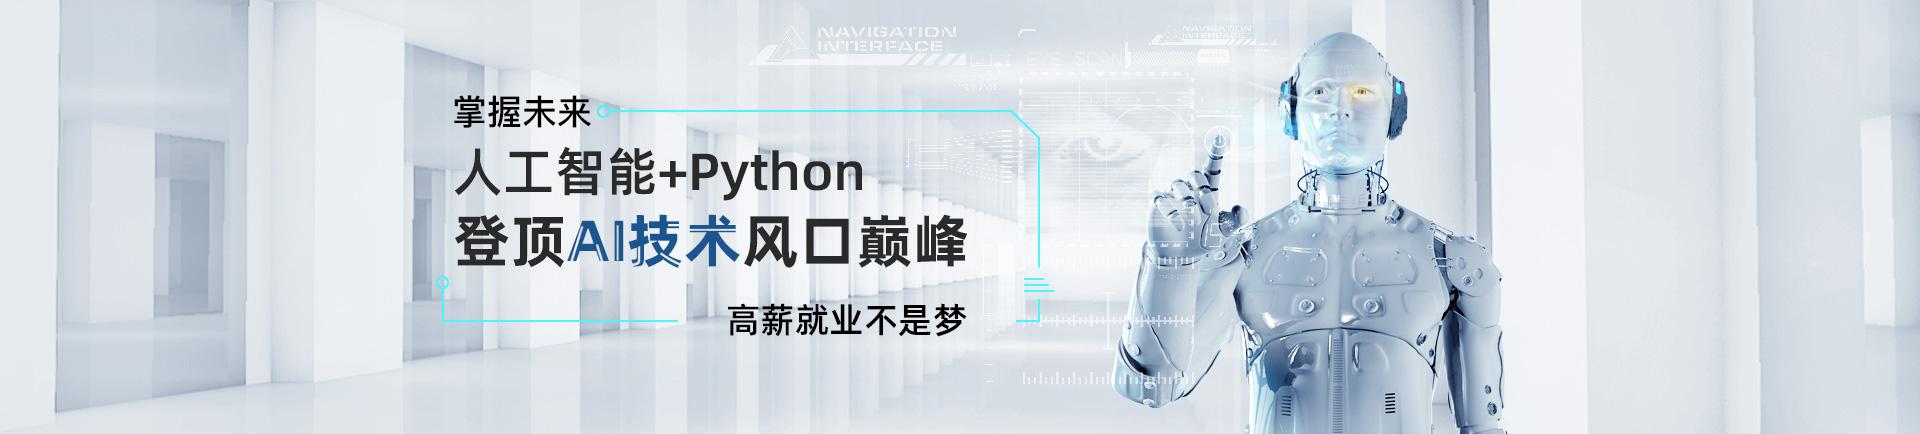 登顶AI技术风口巅峰 人工智能+Python挑战高薪